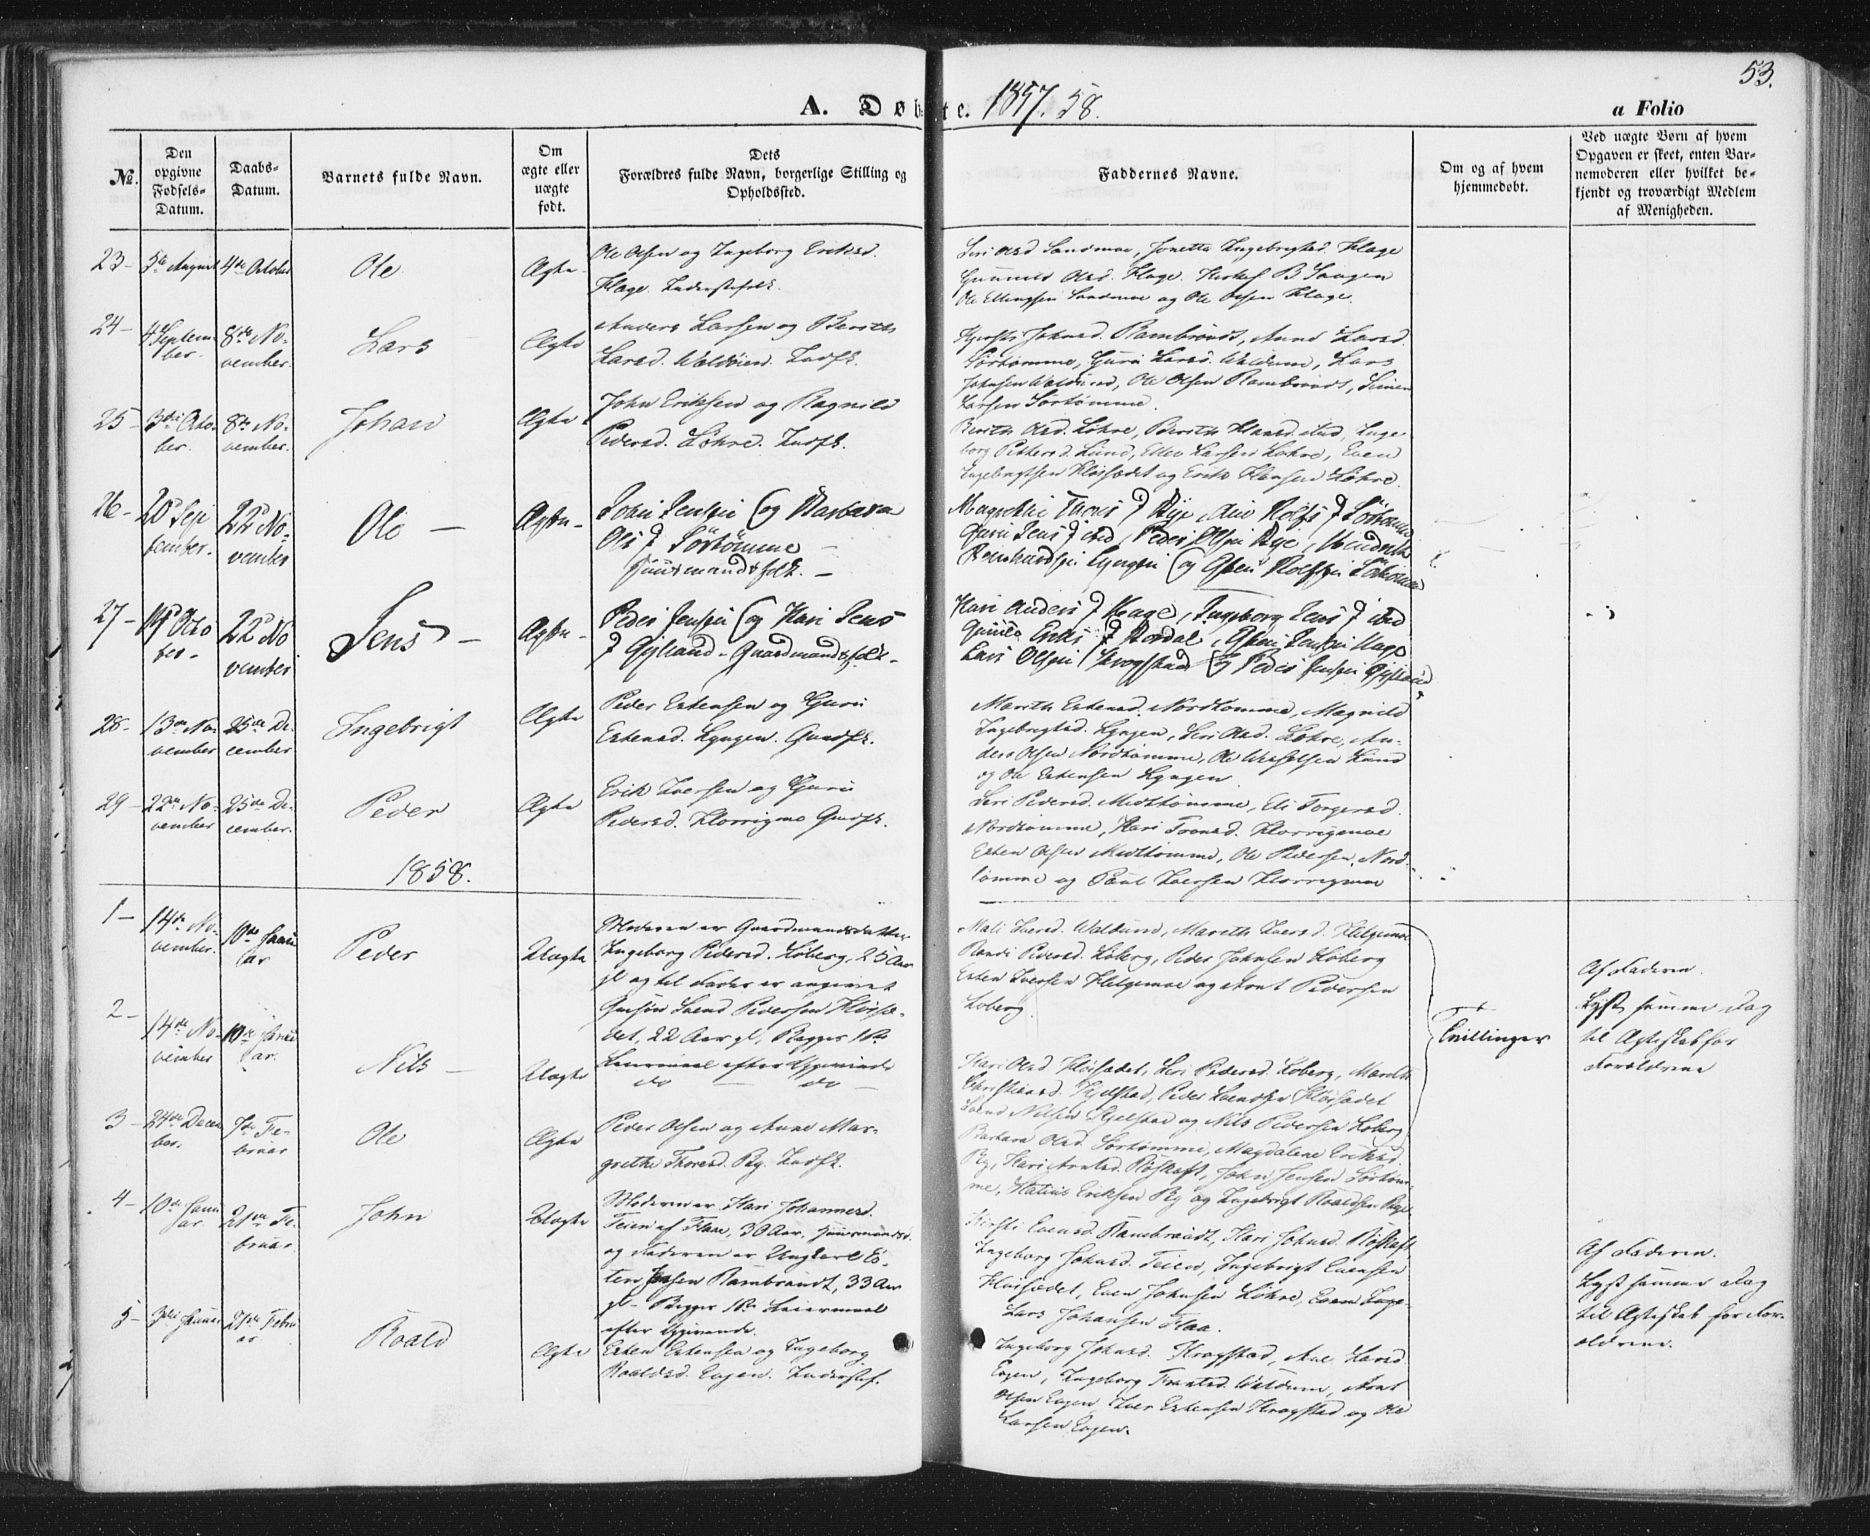 SAT, Ministerialprotokoller, klokkerbøker og fødselsregistre - Sør-Trøndelag, 692/L1103: Ministerialbok nr. 692A03, 1849-1870, s. 53